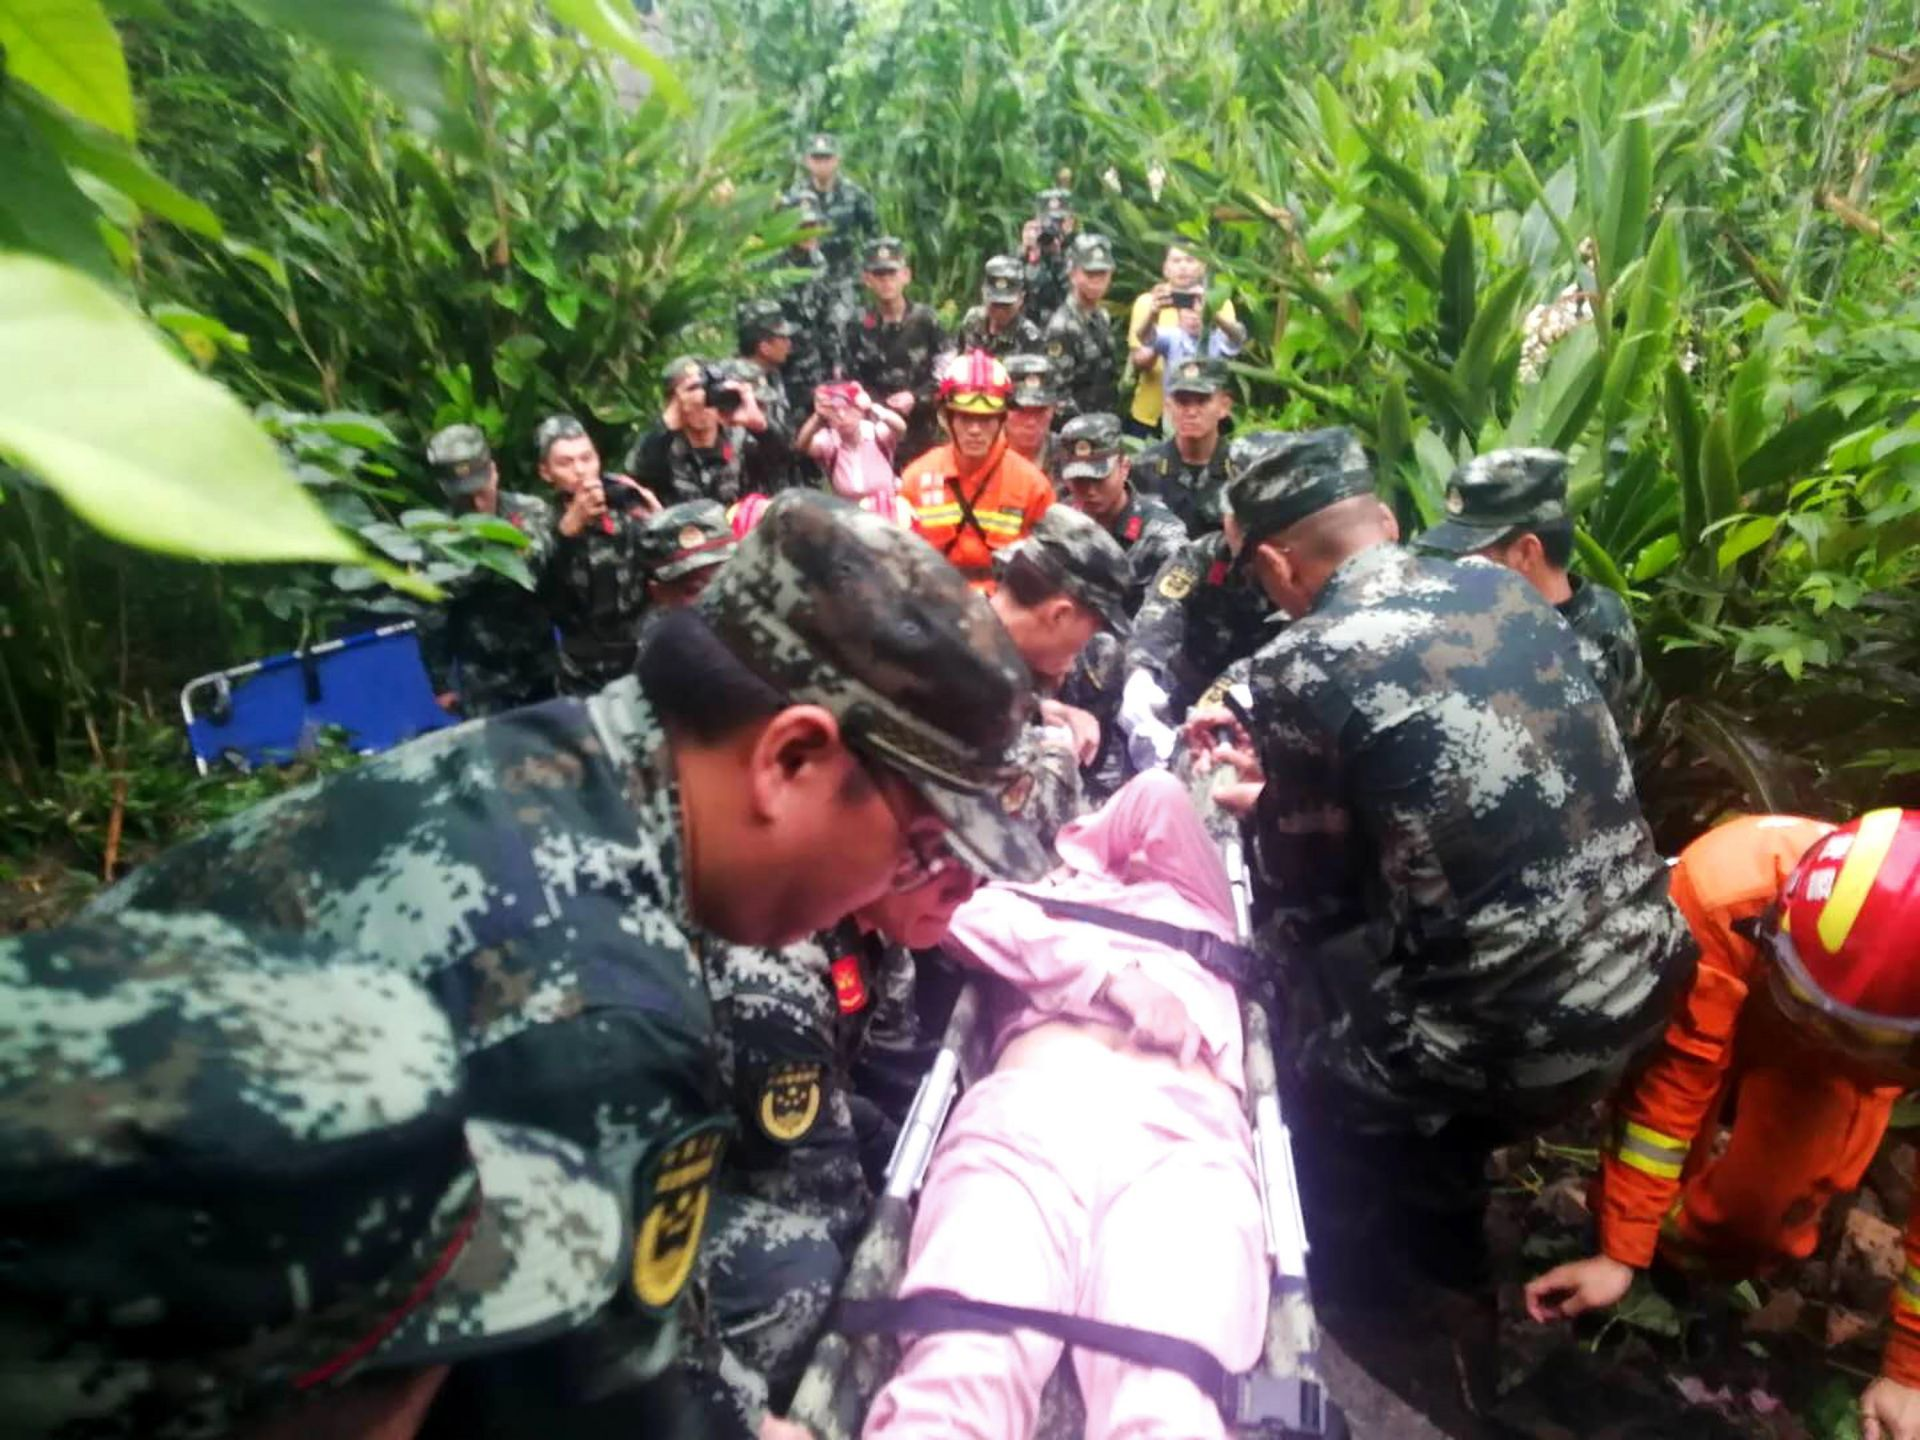 al-menos-11-muertos-y-mas-de-120-heridos-tras-terremoto-en-china